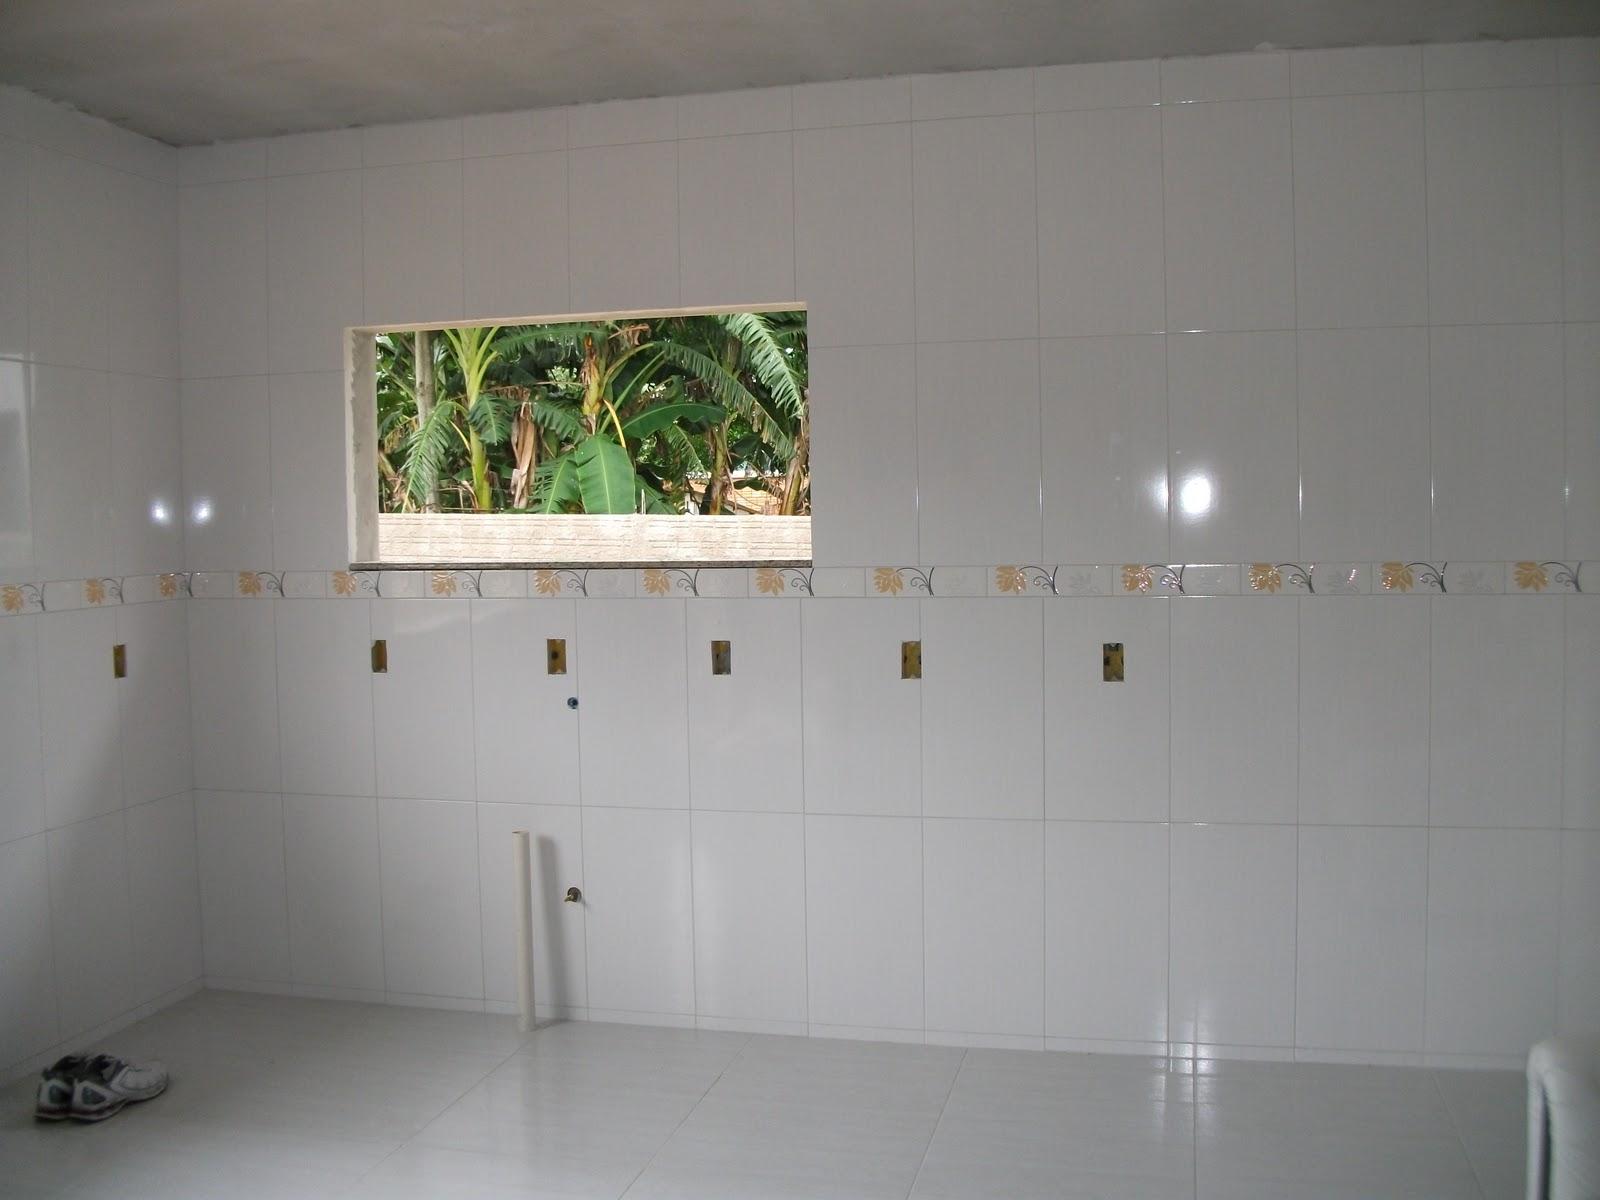 CONSTRUTOR ANDREI GAROPABA SC  : REVESTIMENTO EM PORCELANATO CASA  #495F37 1600x1200 Banheiro Com Revestimento Em Porcelanato